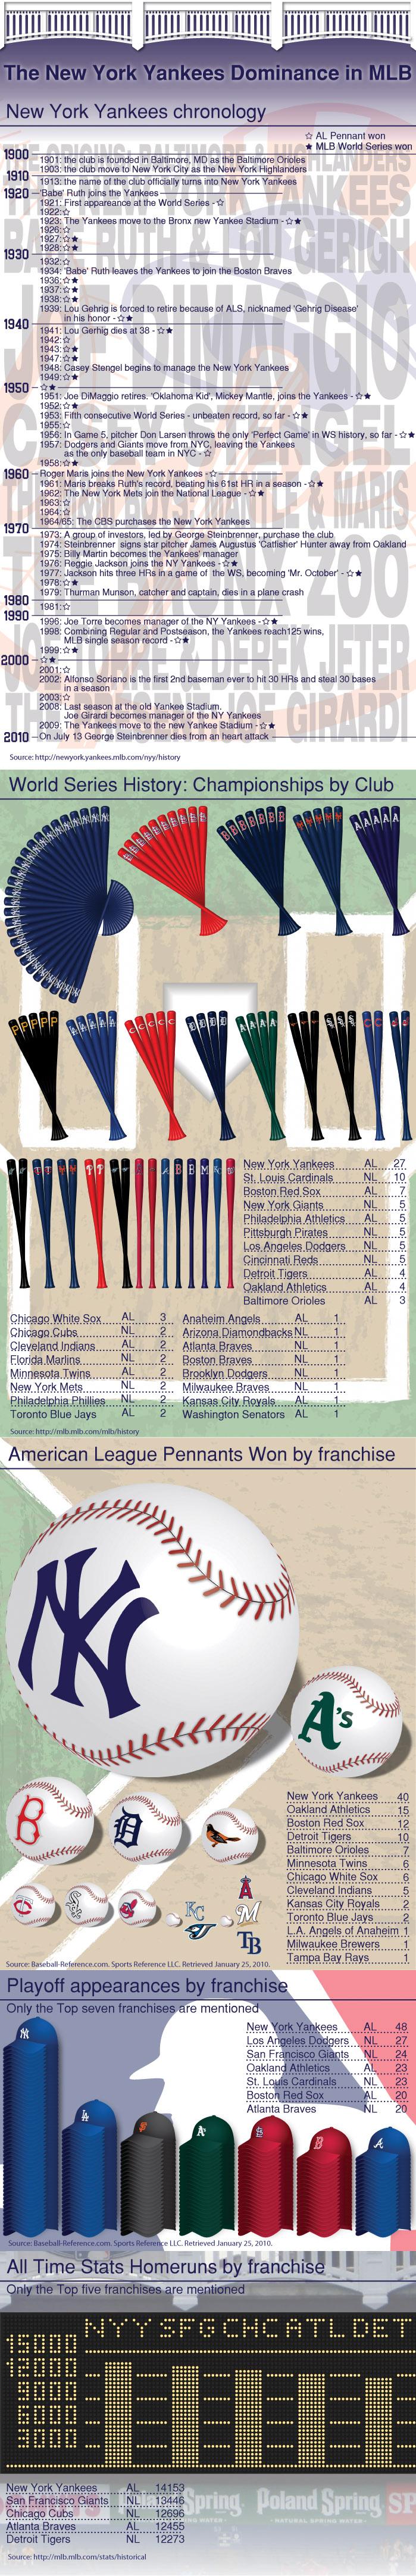 New York Yankees Chronology